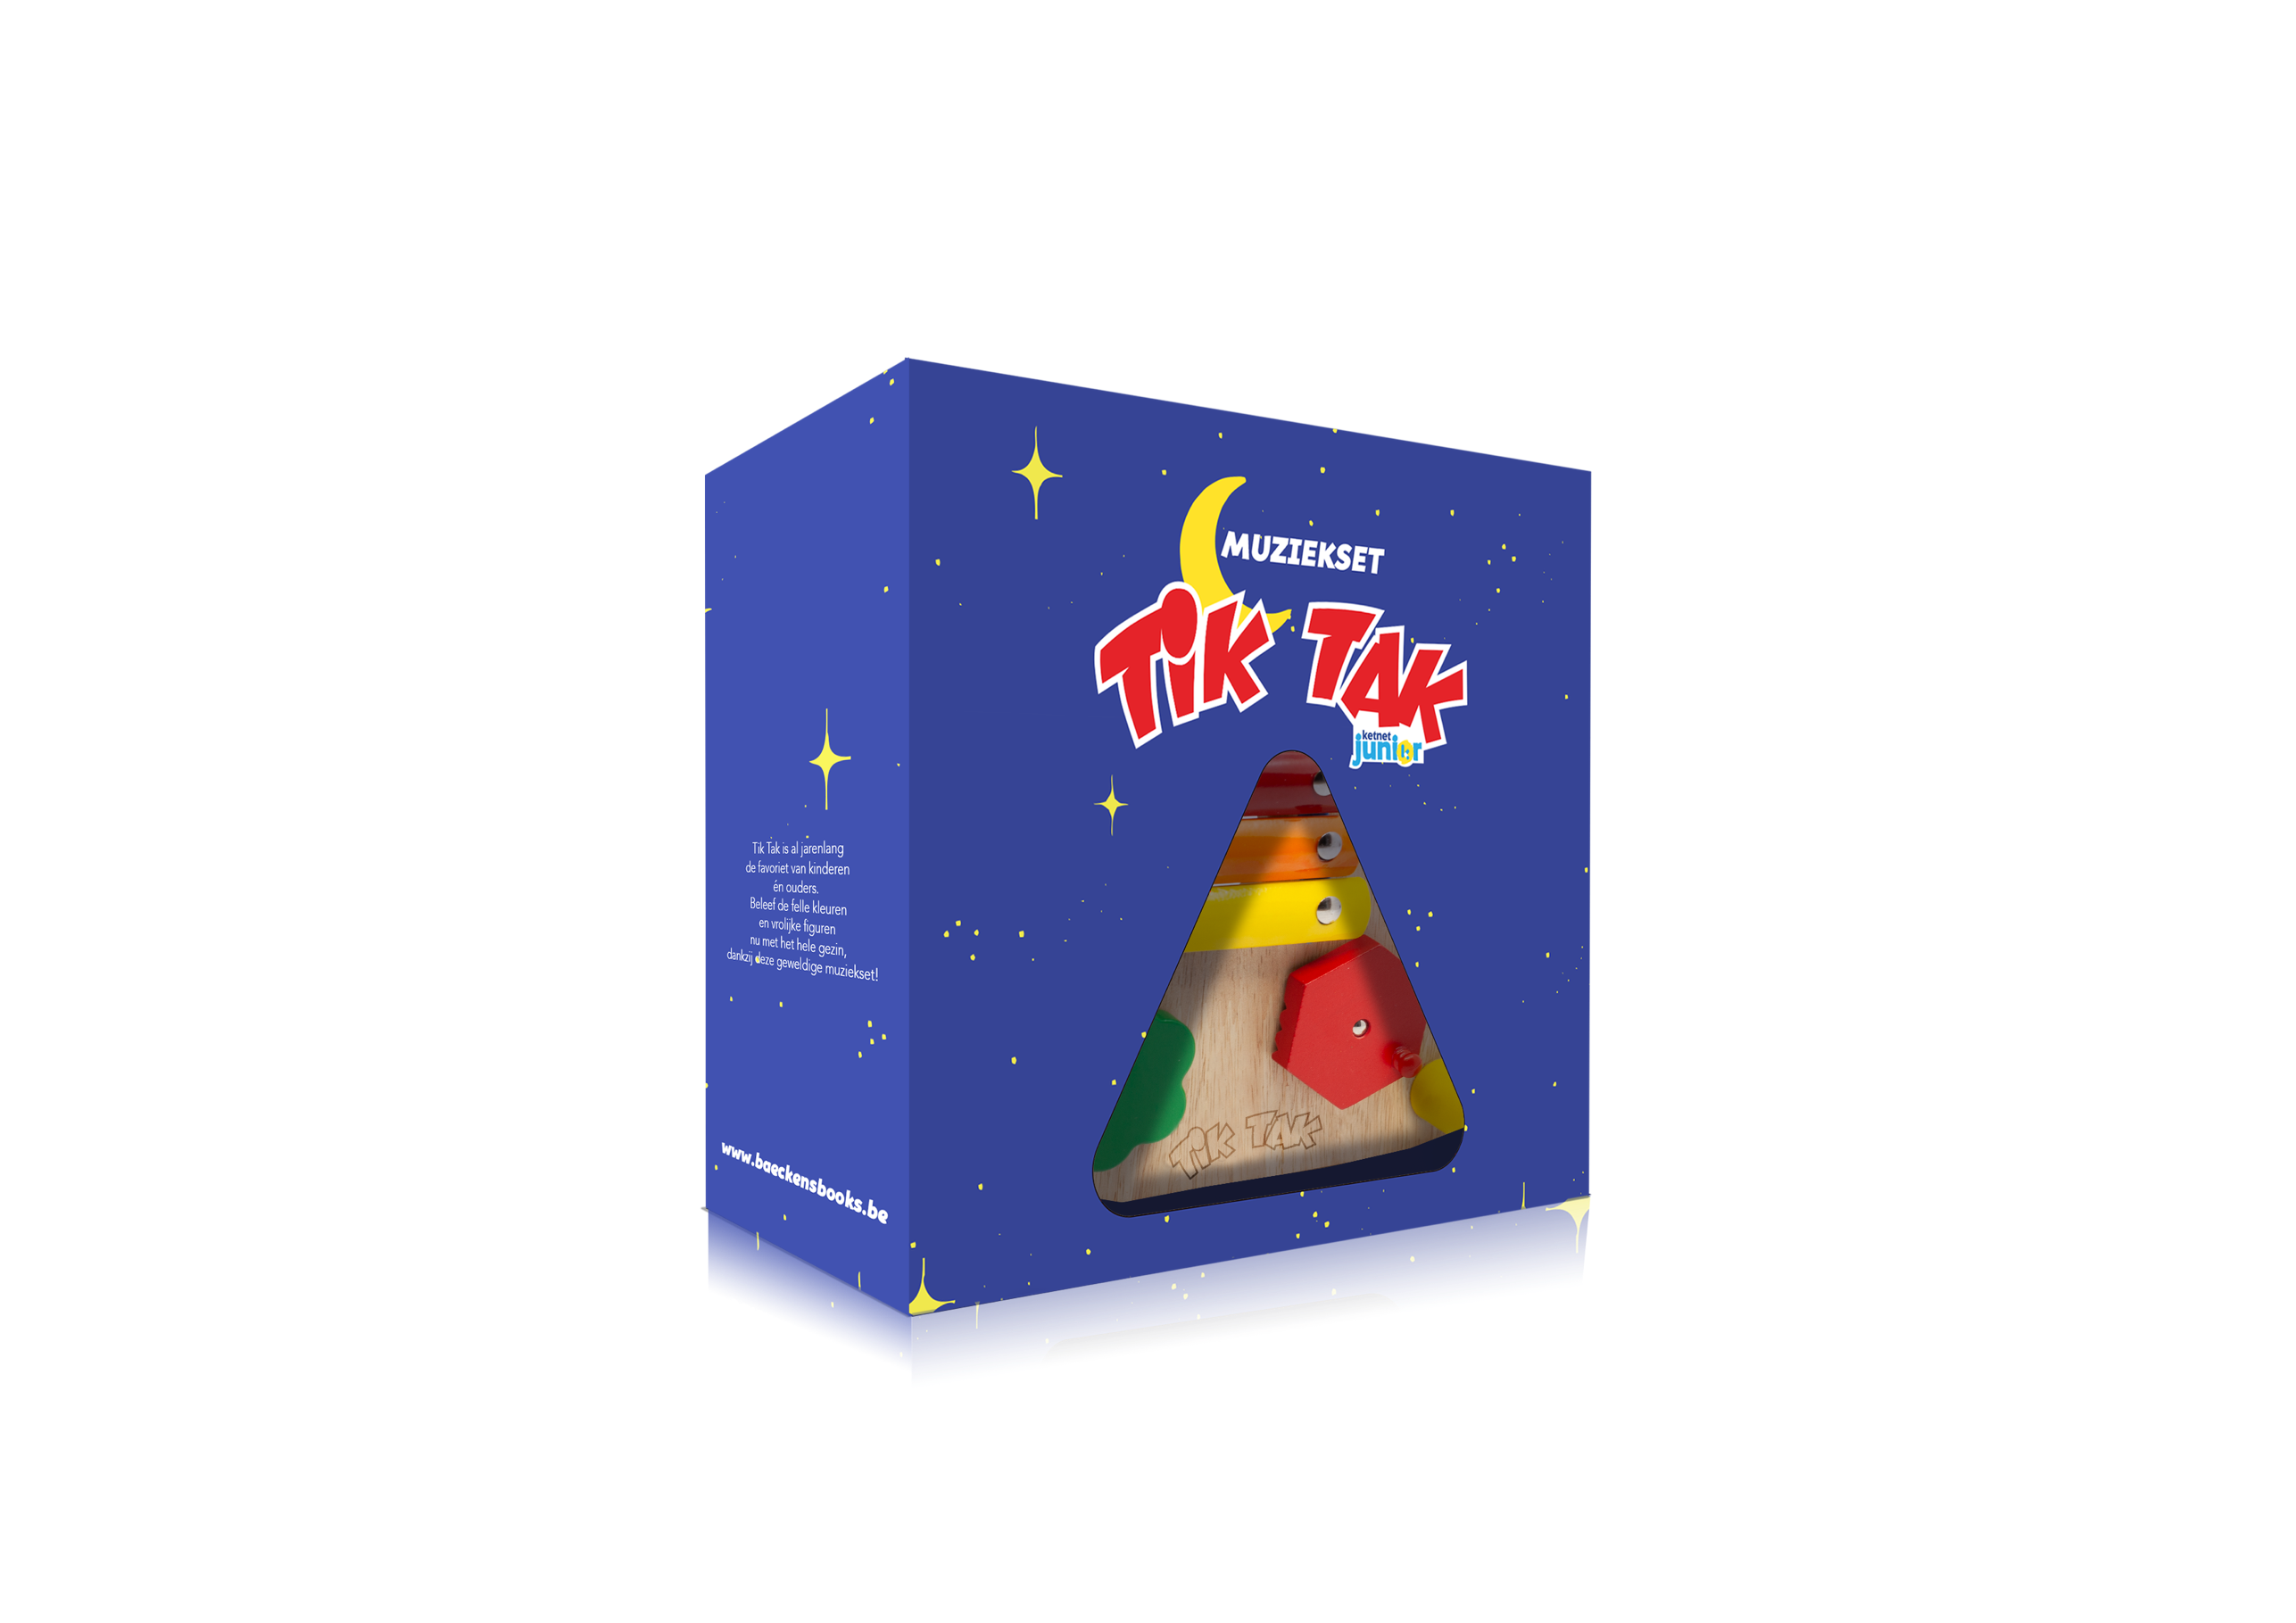 Foto Tik Tak muziekset in de doos